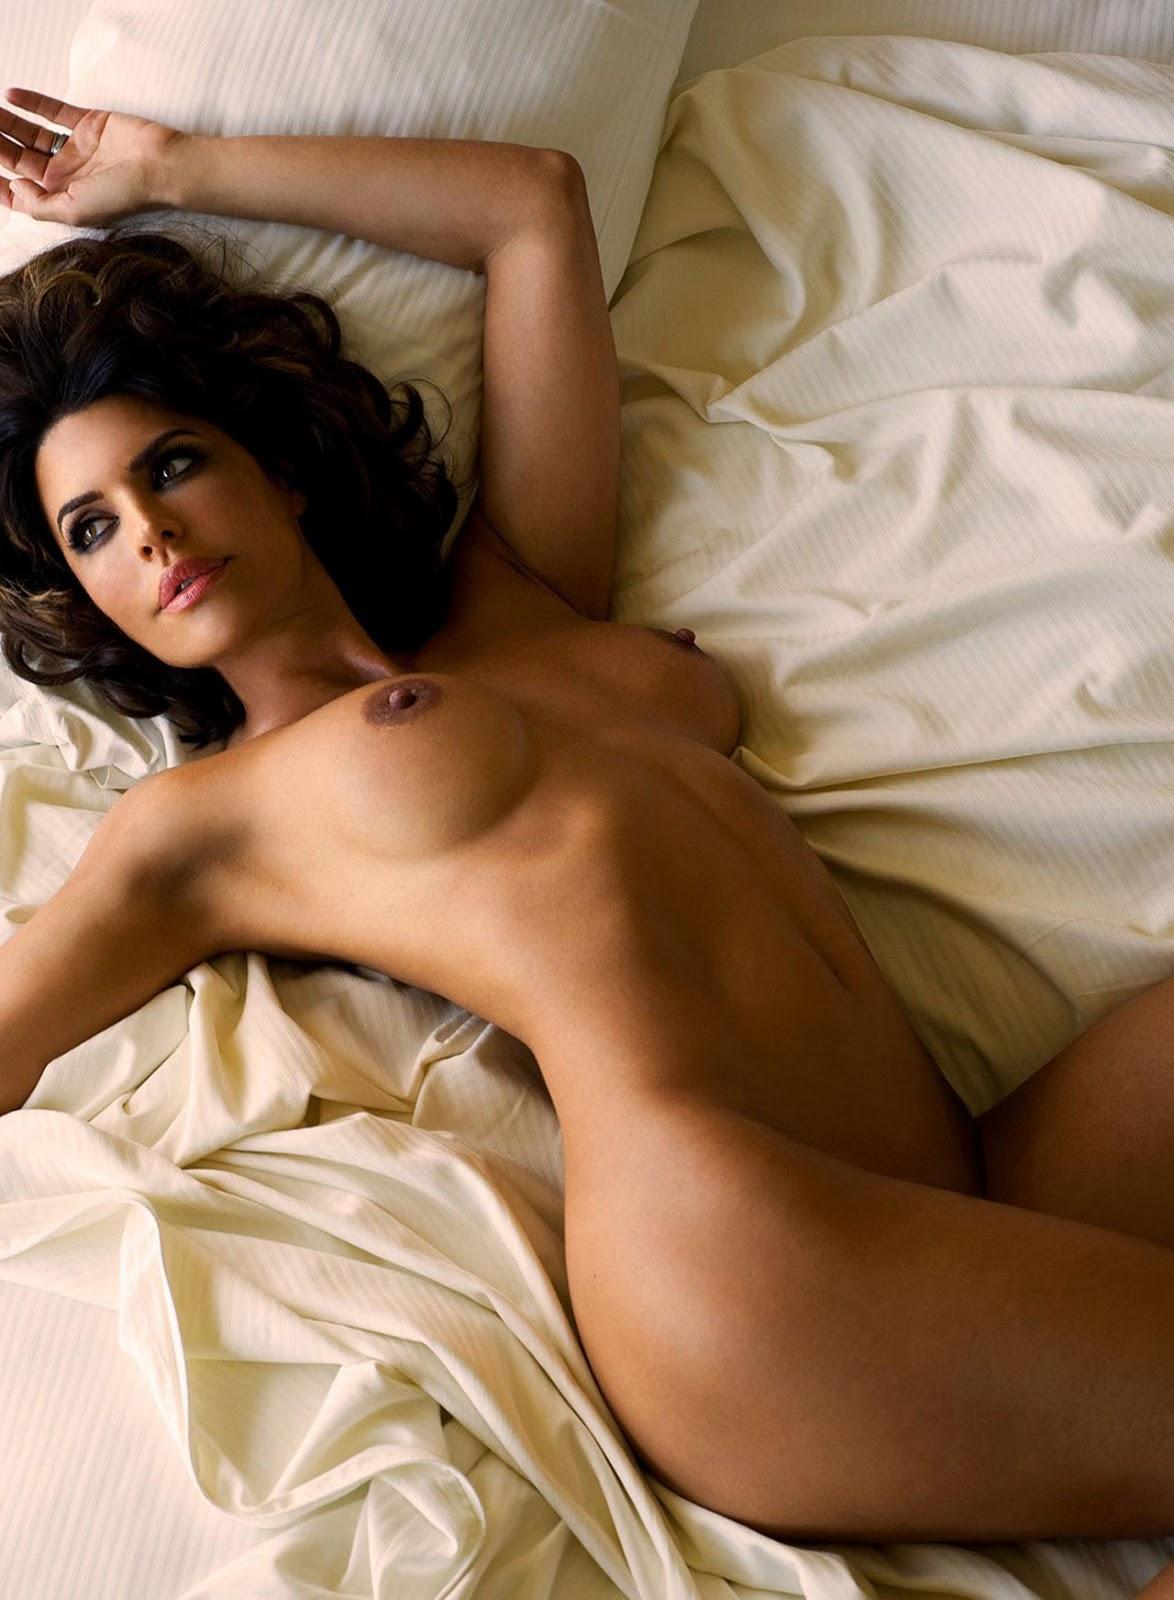 image Breast bondage 29 az